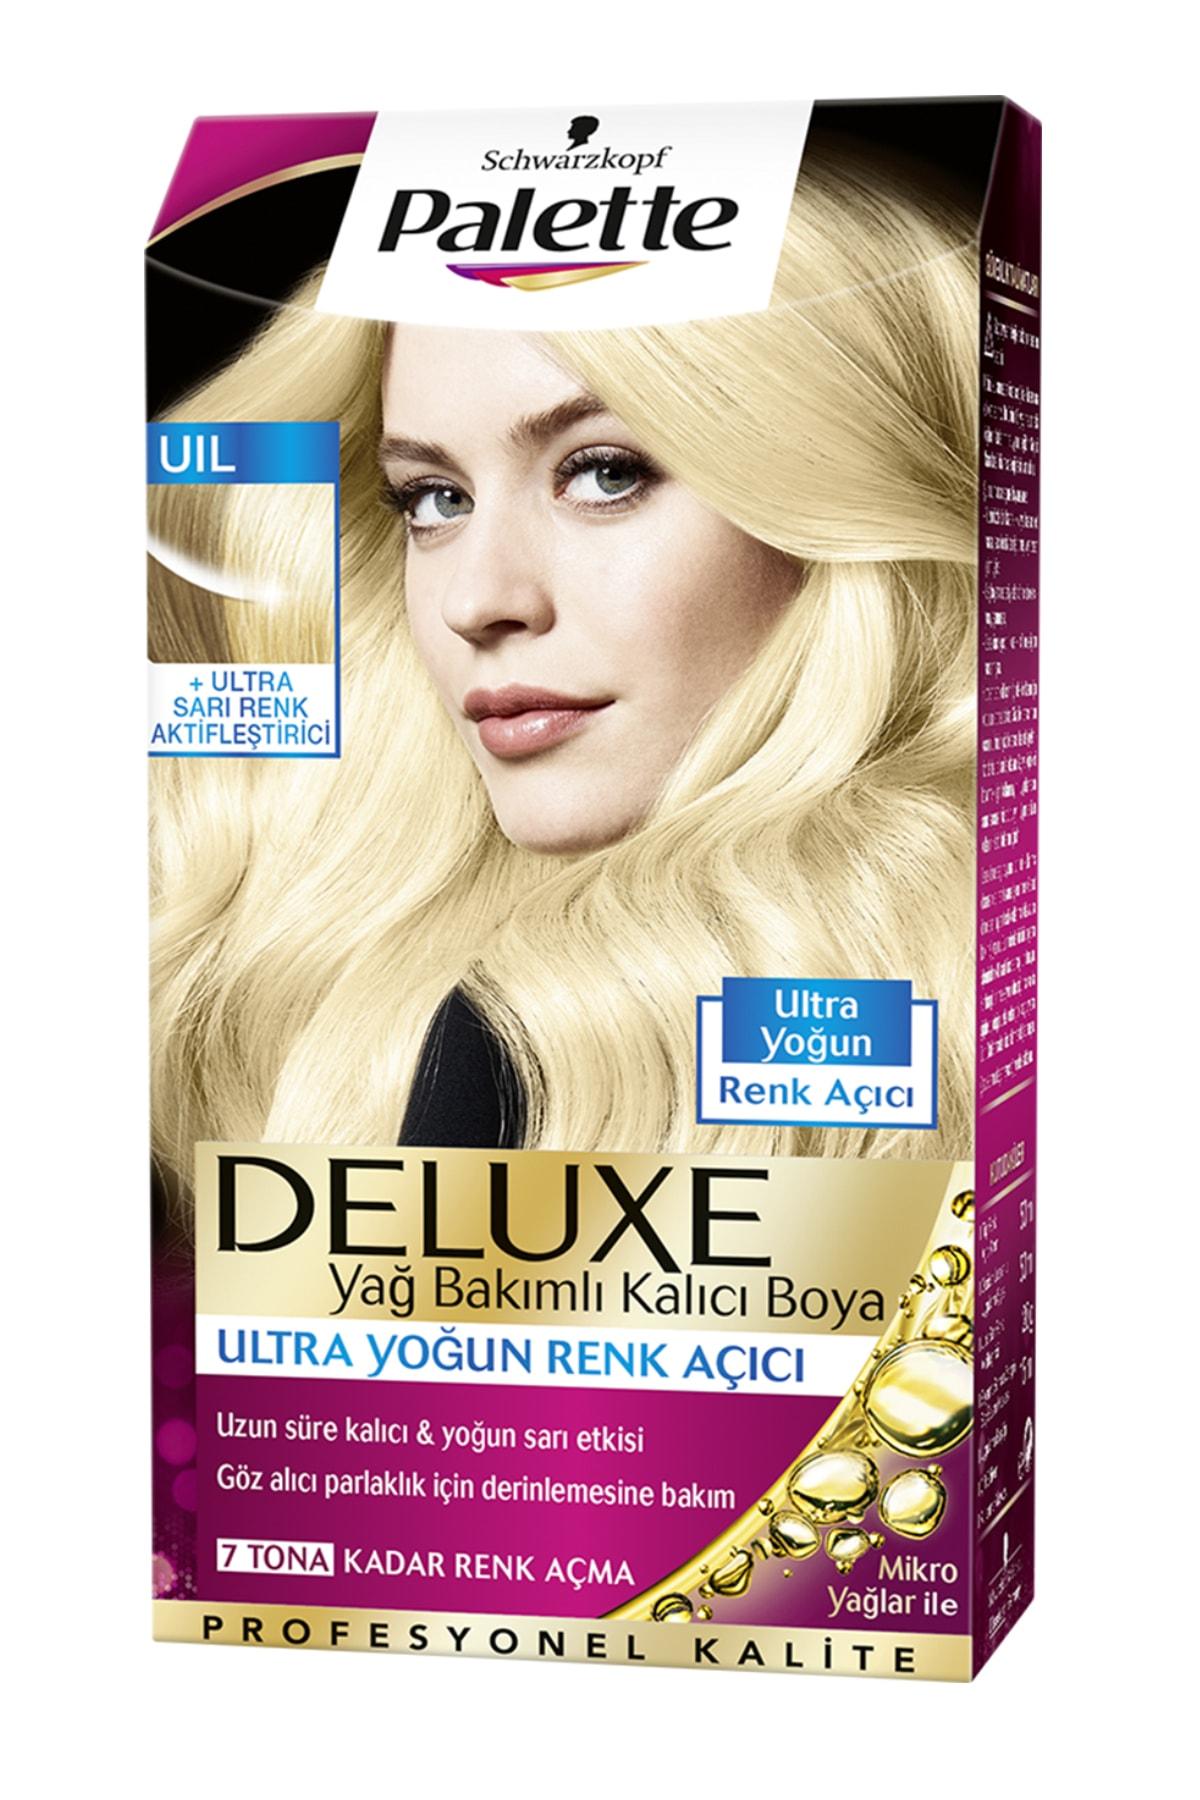 SCHWARZKOPF HAIR MASCARA Palette Deluxe Ultra Yoğun Renk Açıcı, Sarı Renk Aktifleştirici - Yağ Bakımlı Kalıcı Saç Boyası 1